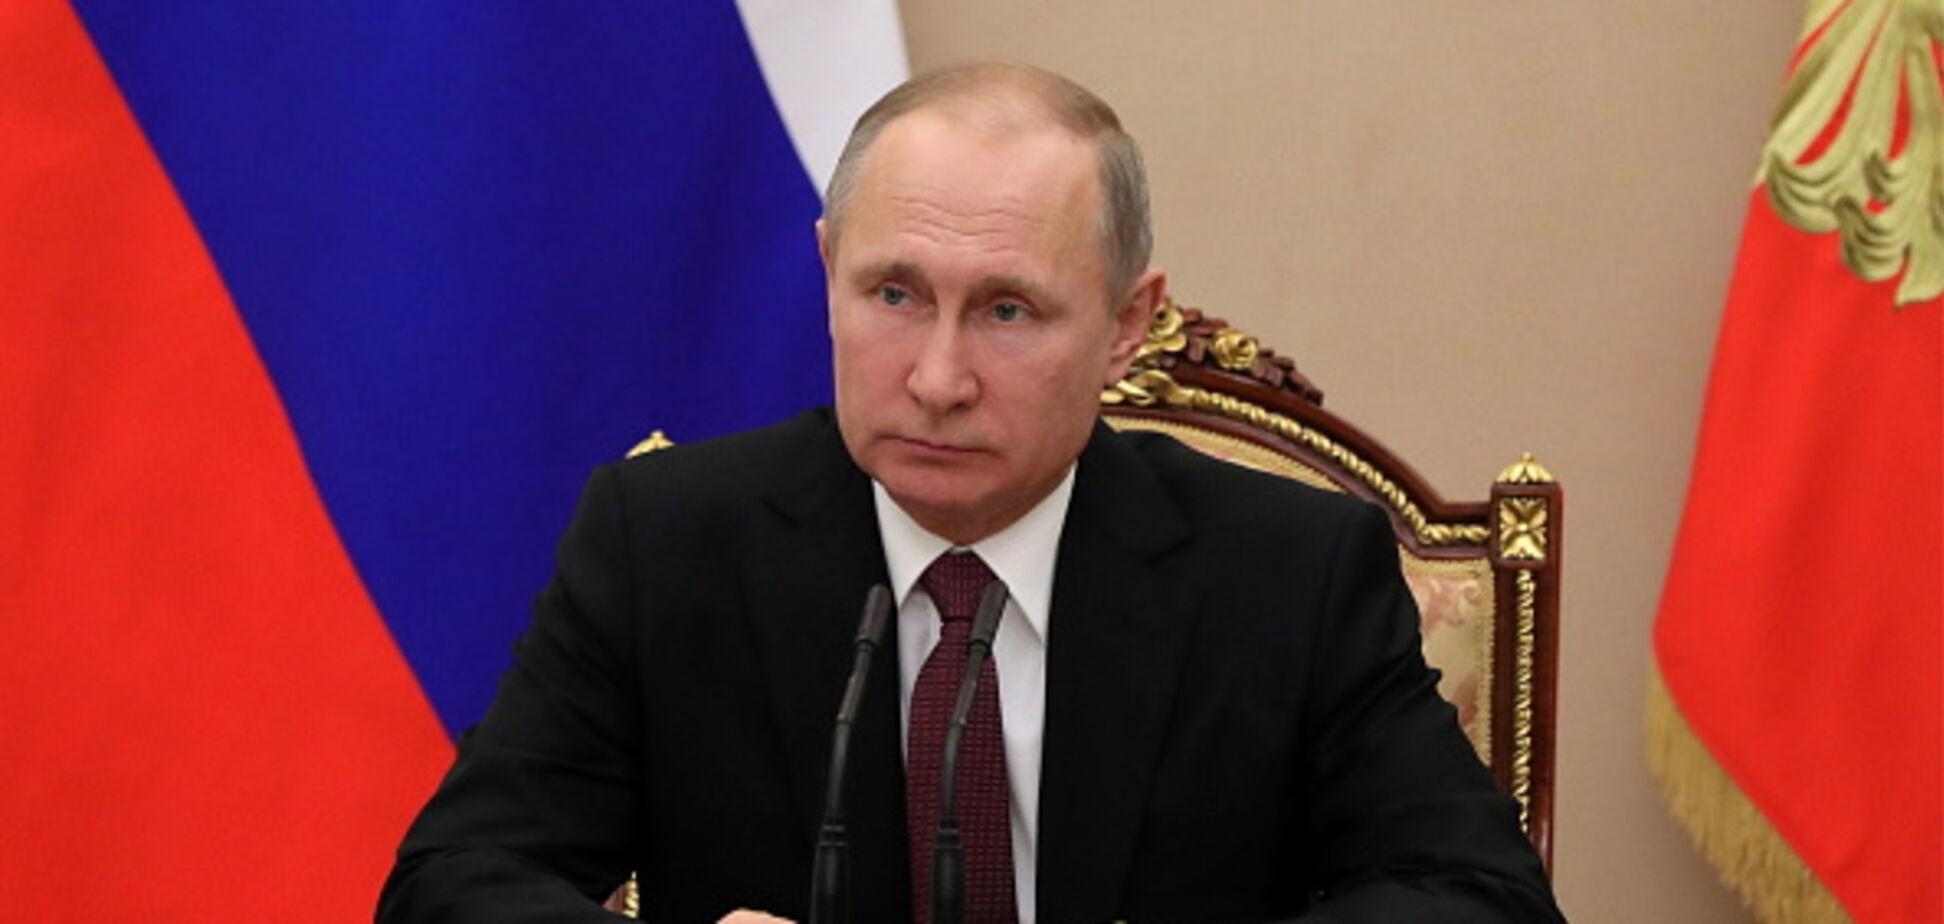 'Час икс': стало известно, как Запад 'покончит' с Путиным